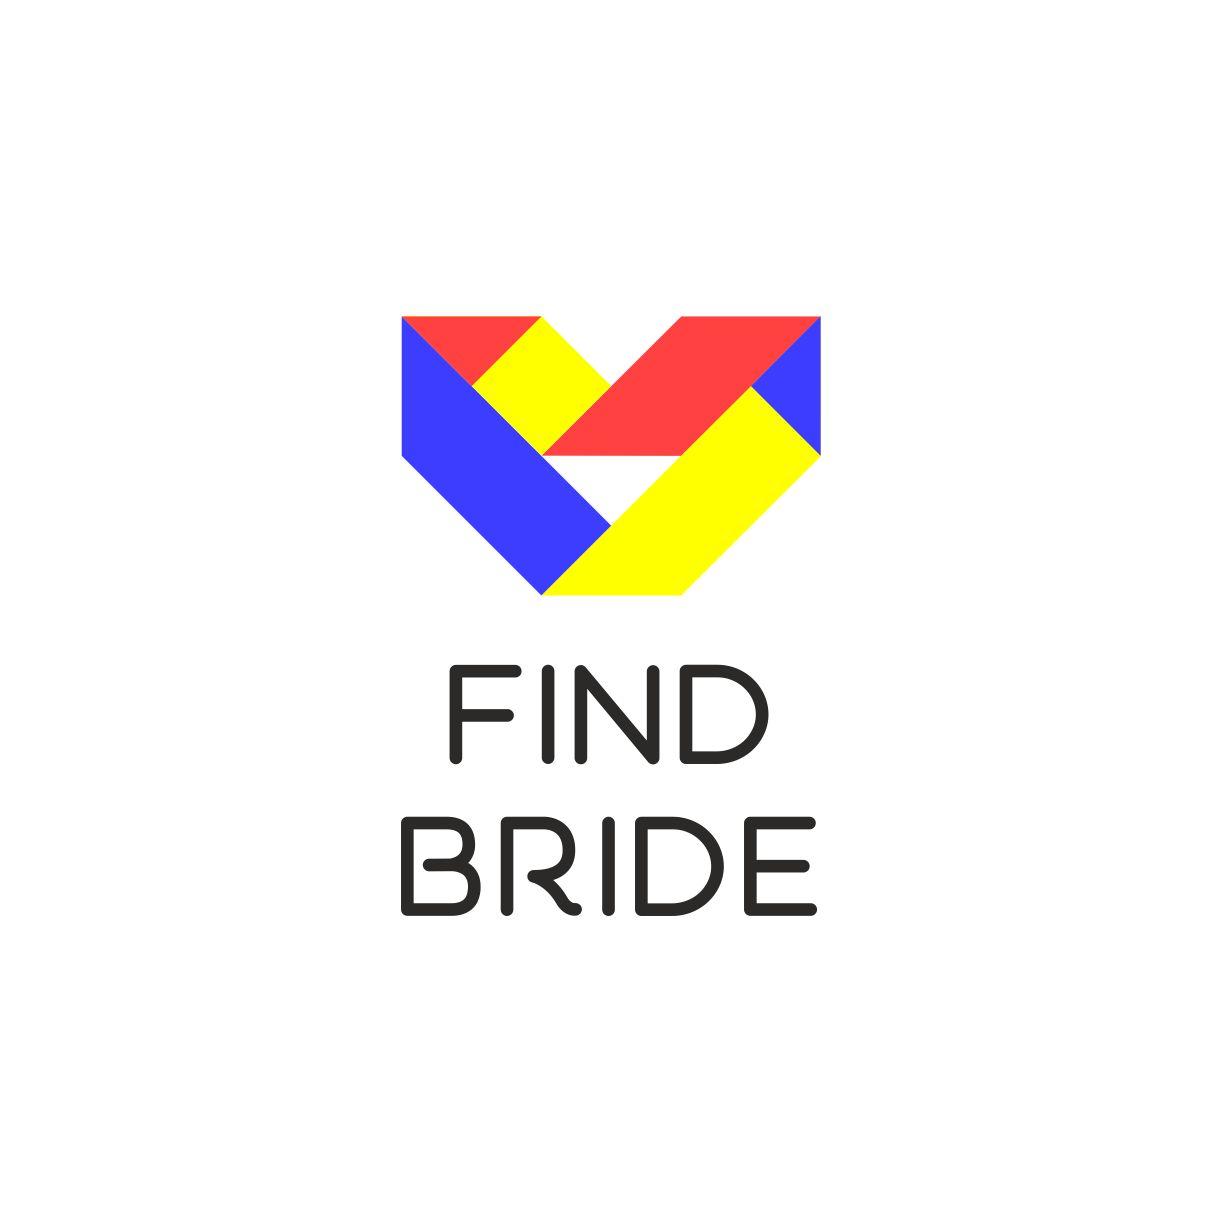 Нарисовать логотип сайта знакомств фото f_3265ad2eddaf2391.jpg